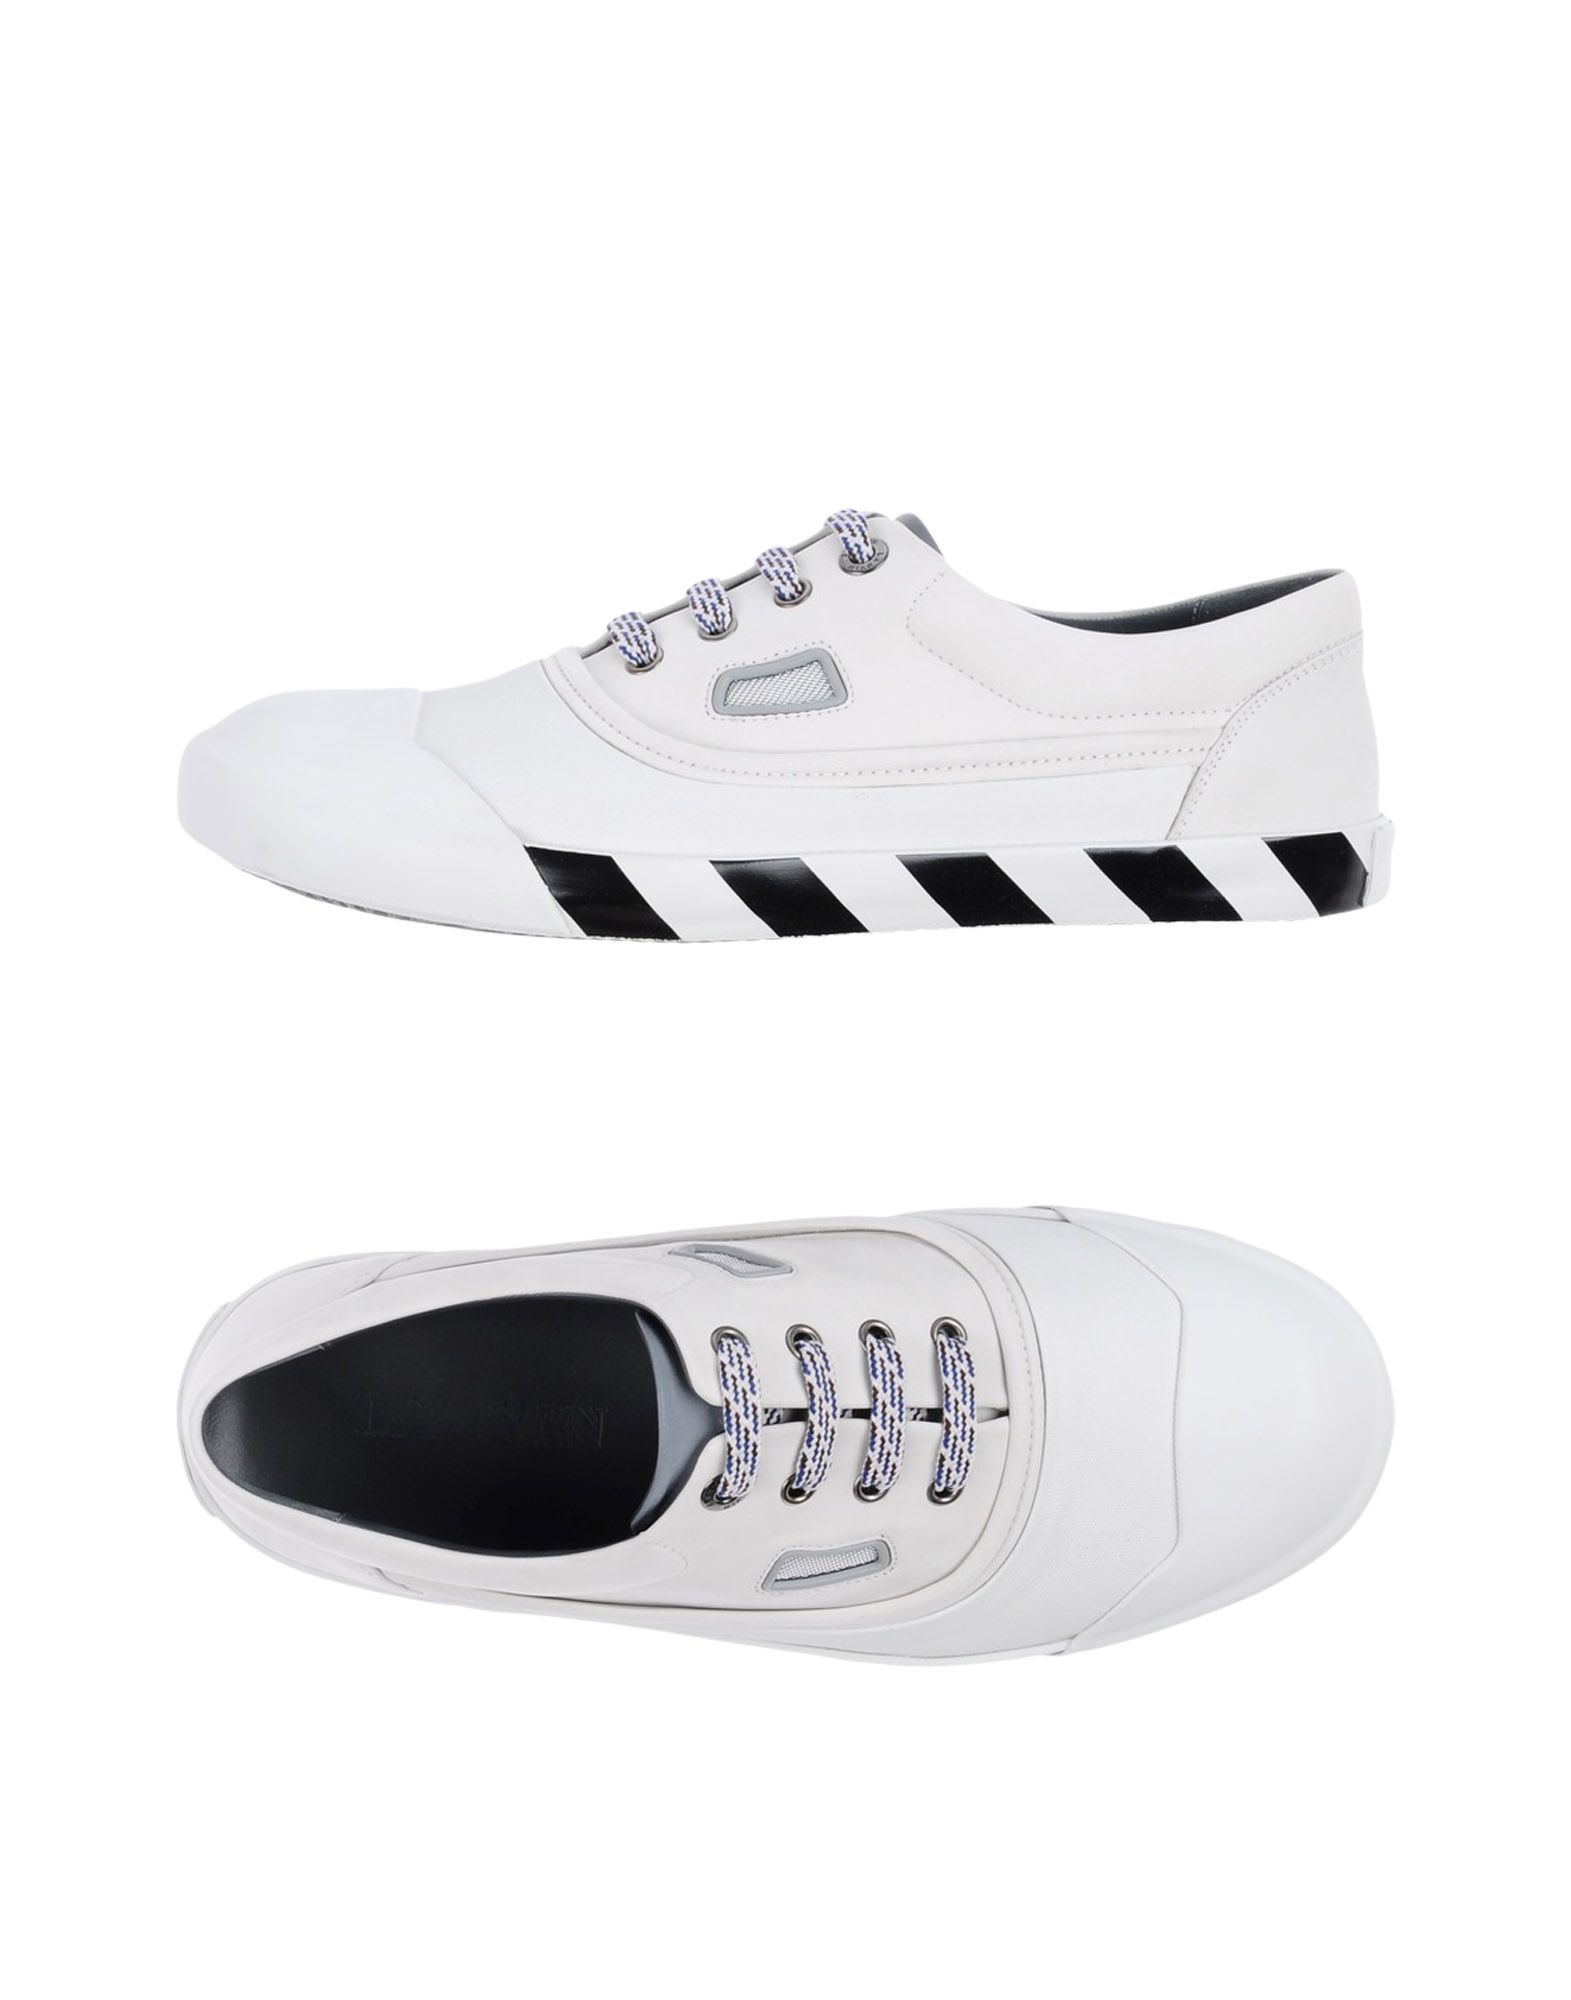 Lanvin Sneakers Herren  11342215JP Gute Qualität beliebte Schuhe